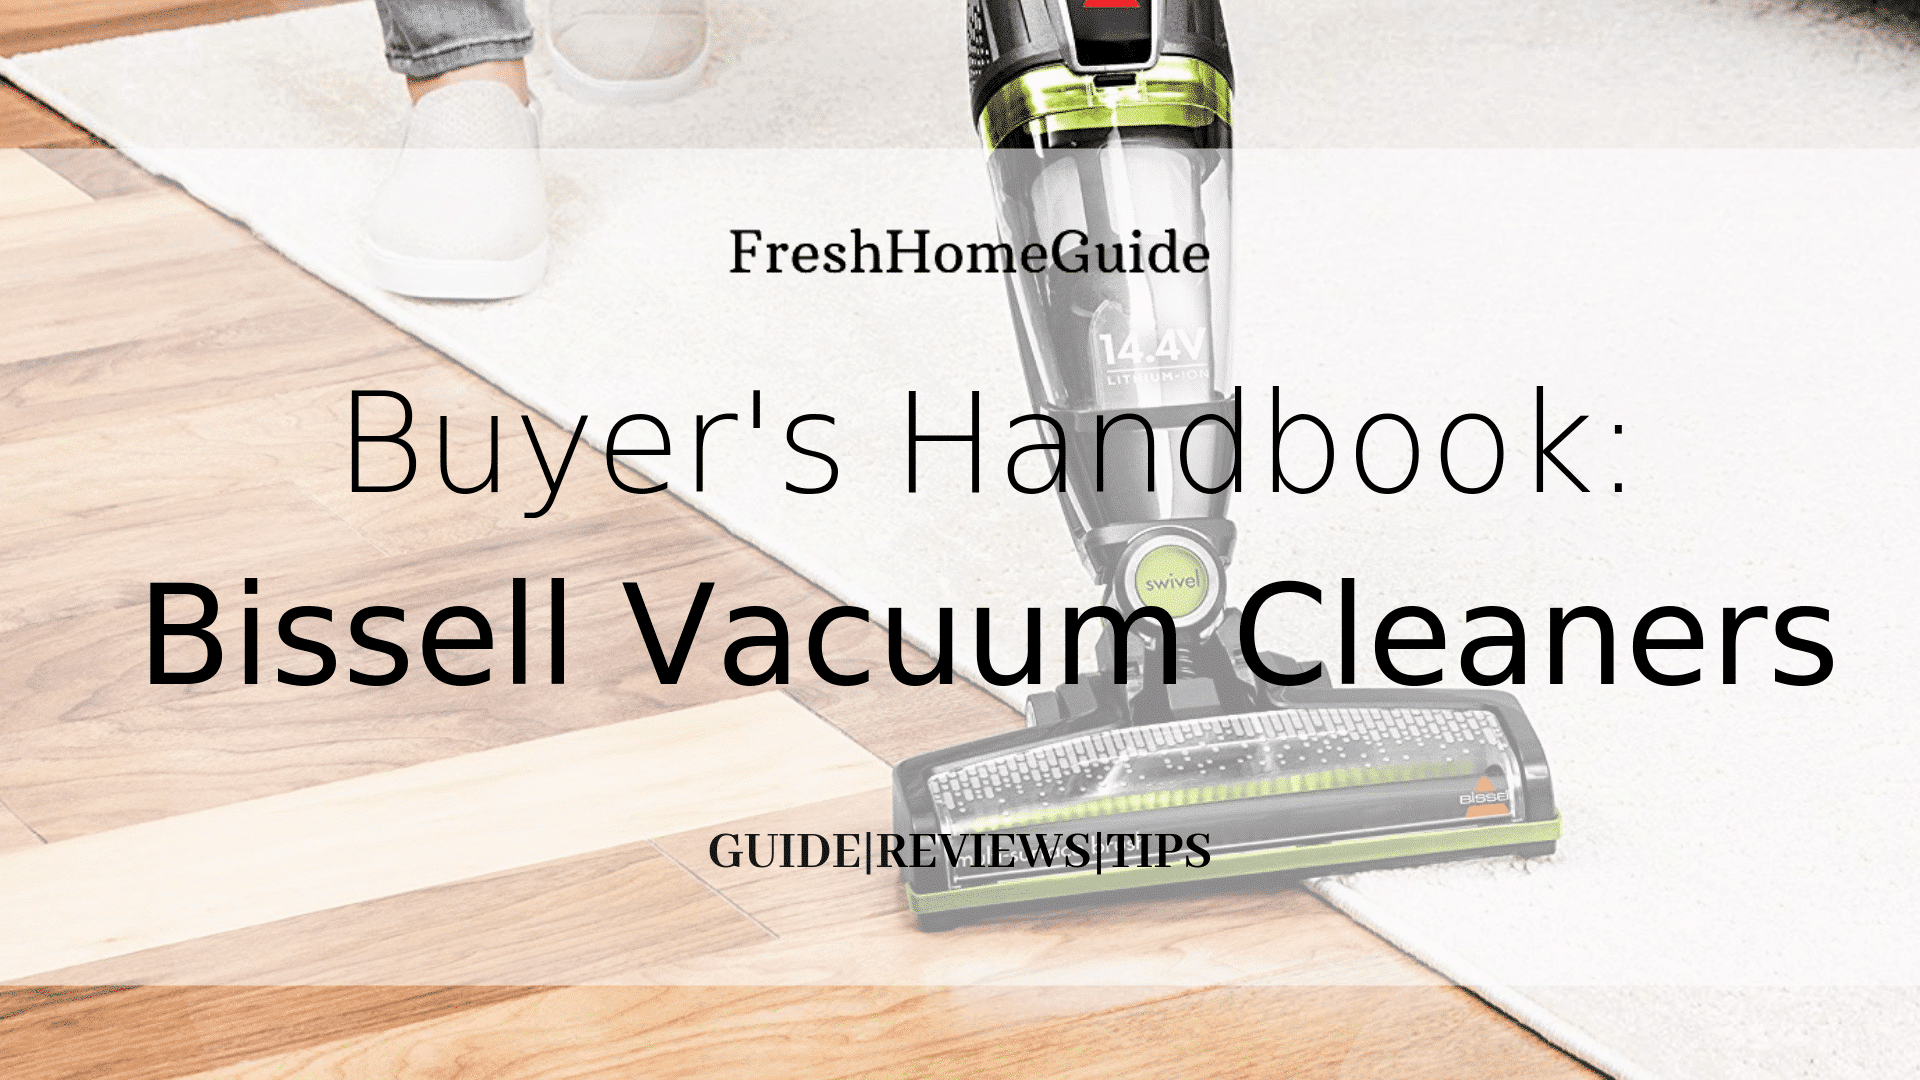 Fresh Home Guide Ultimate Bissell Vacuum Cleaner Buyer's Handbook